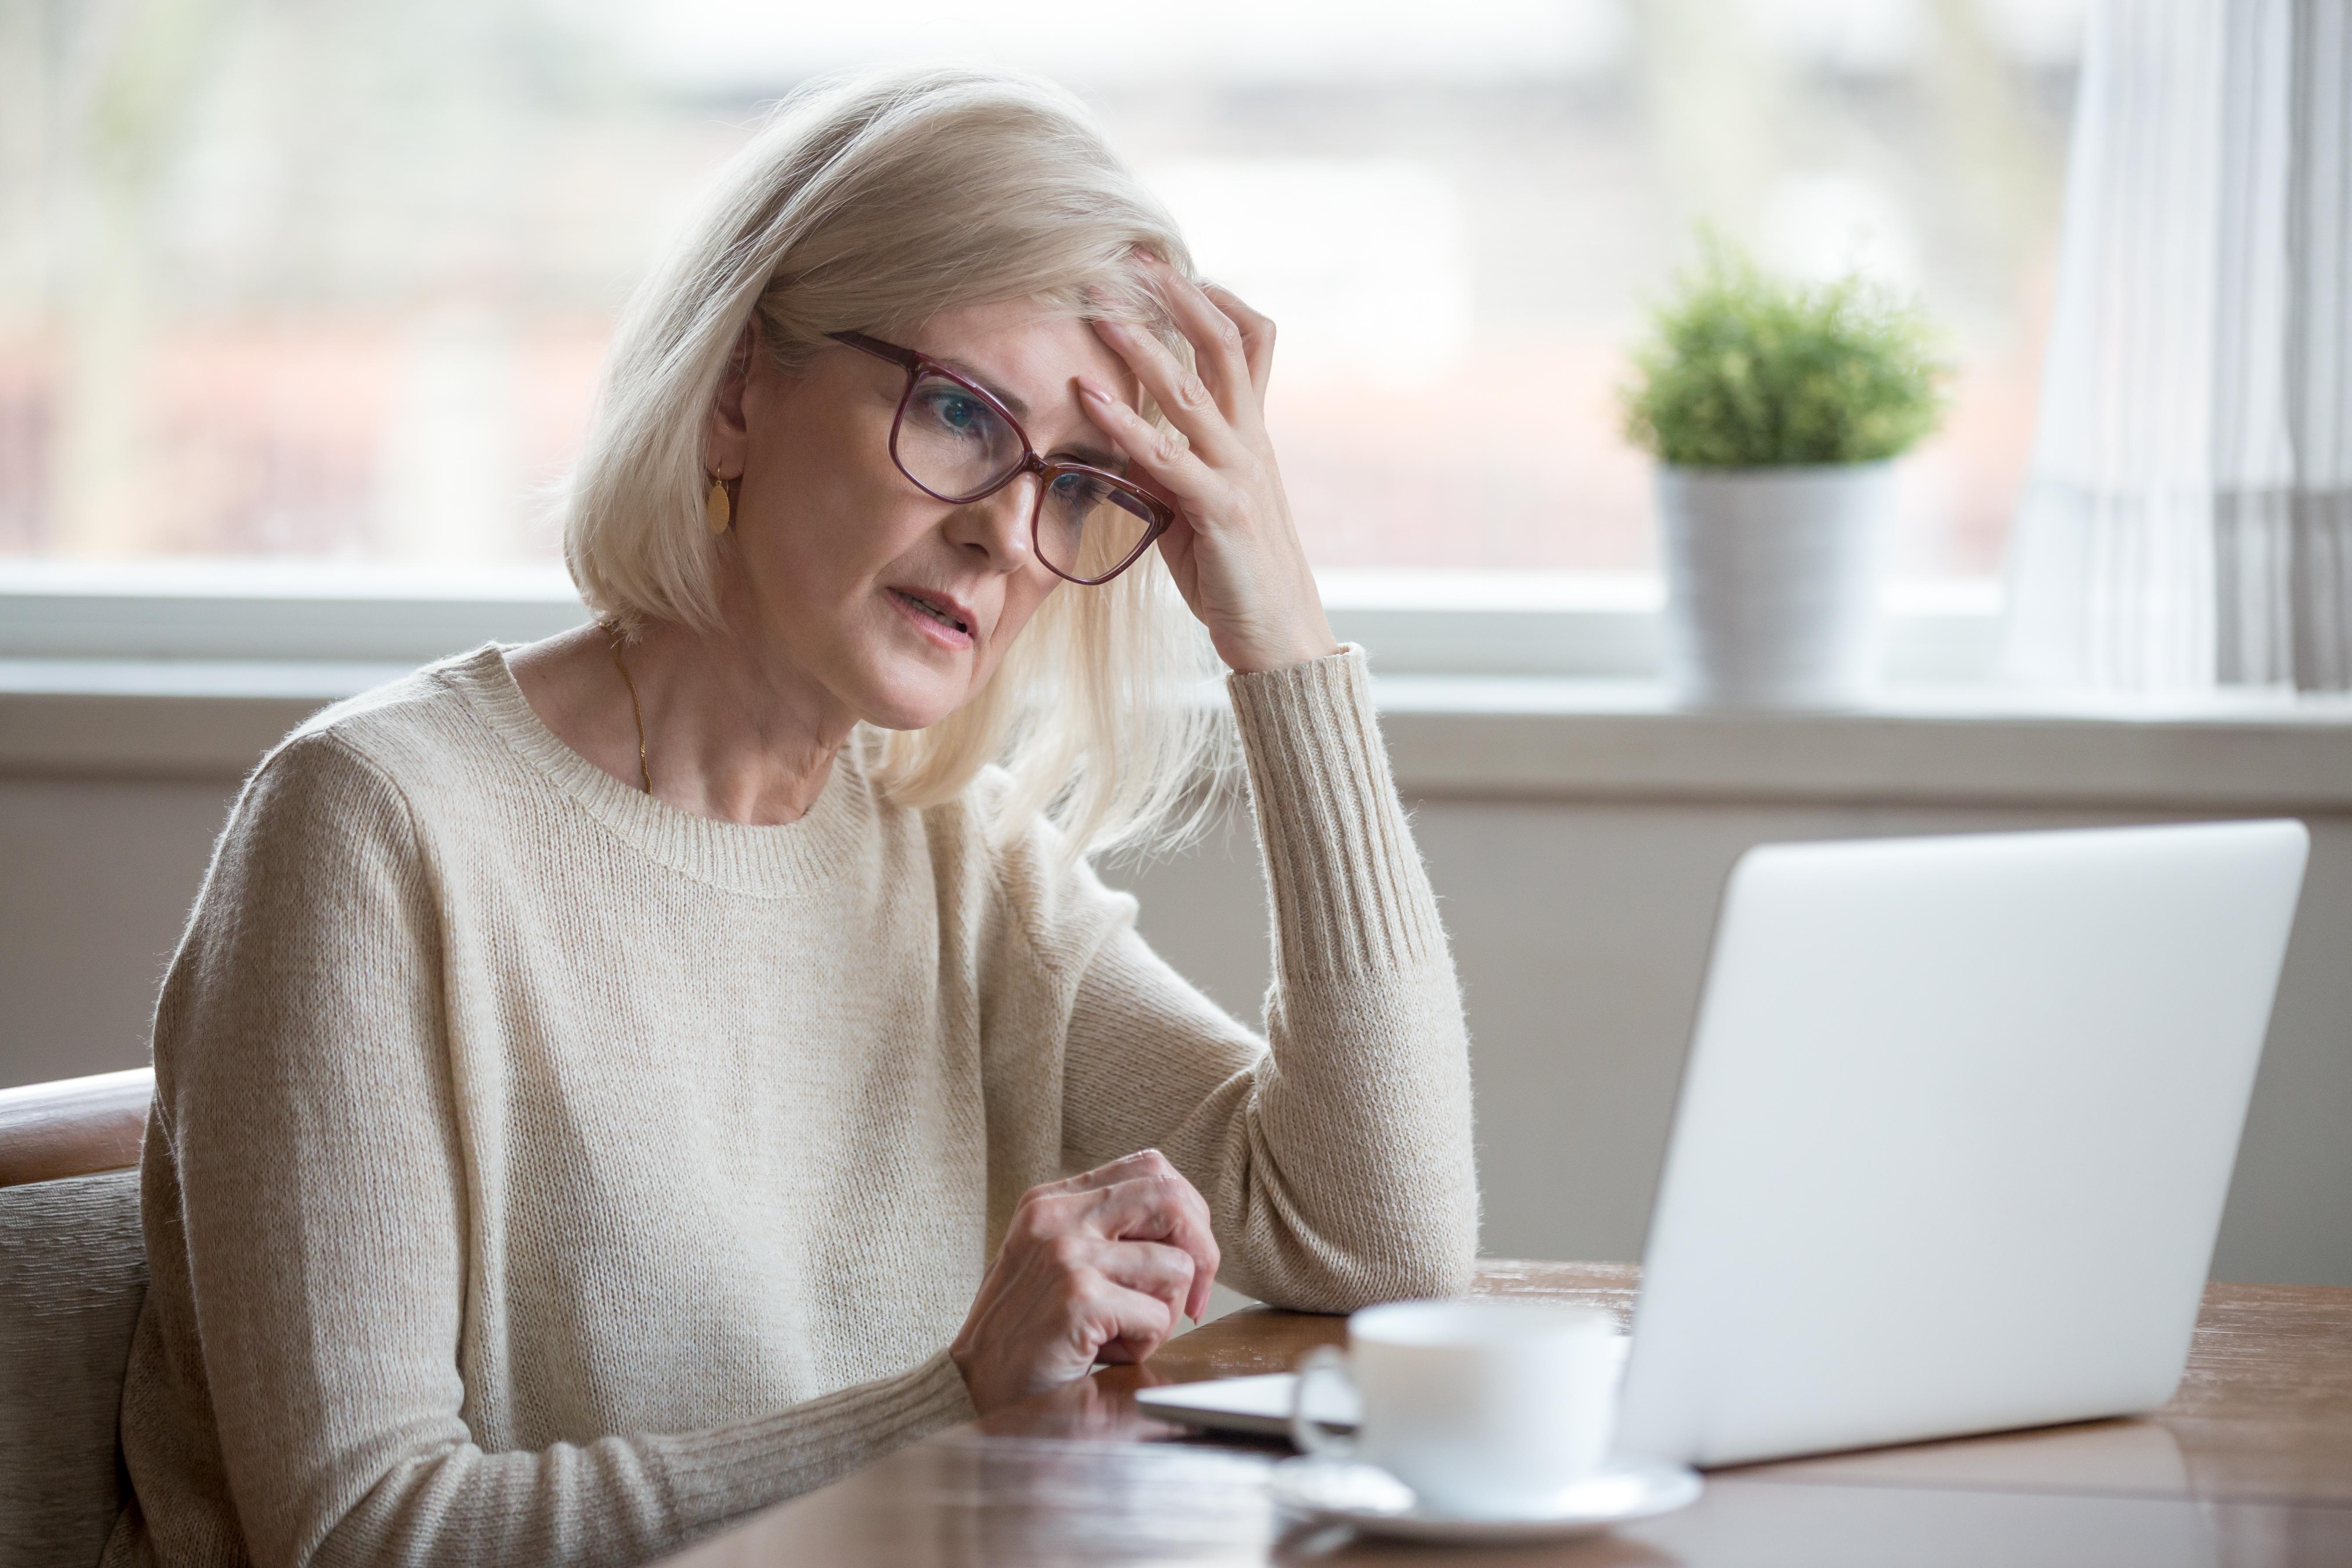 upset woman looking at computer screen